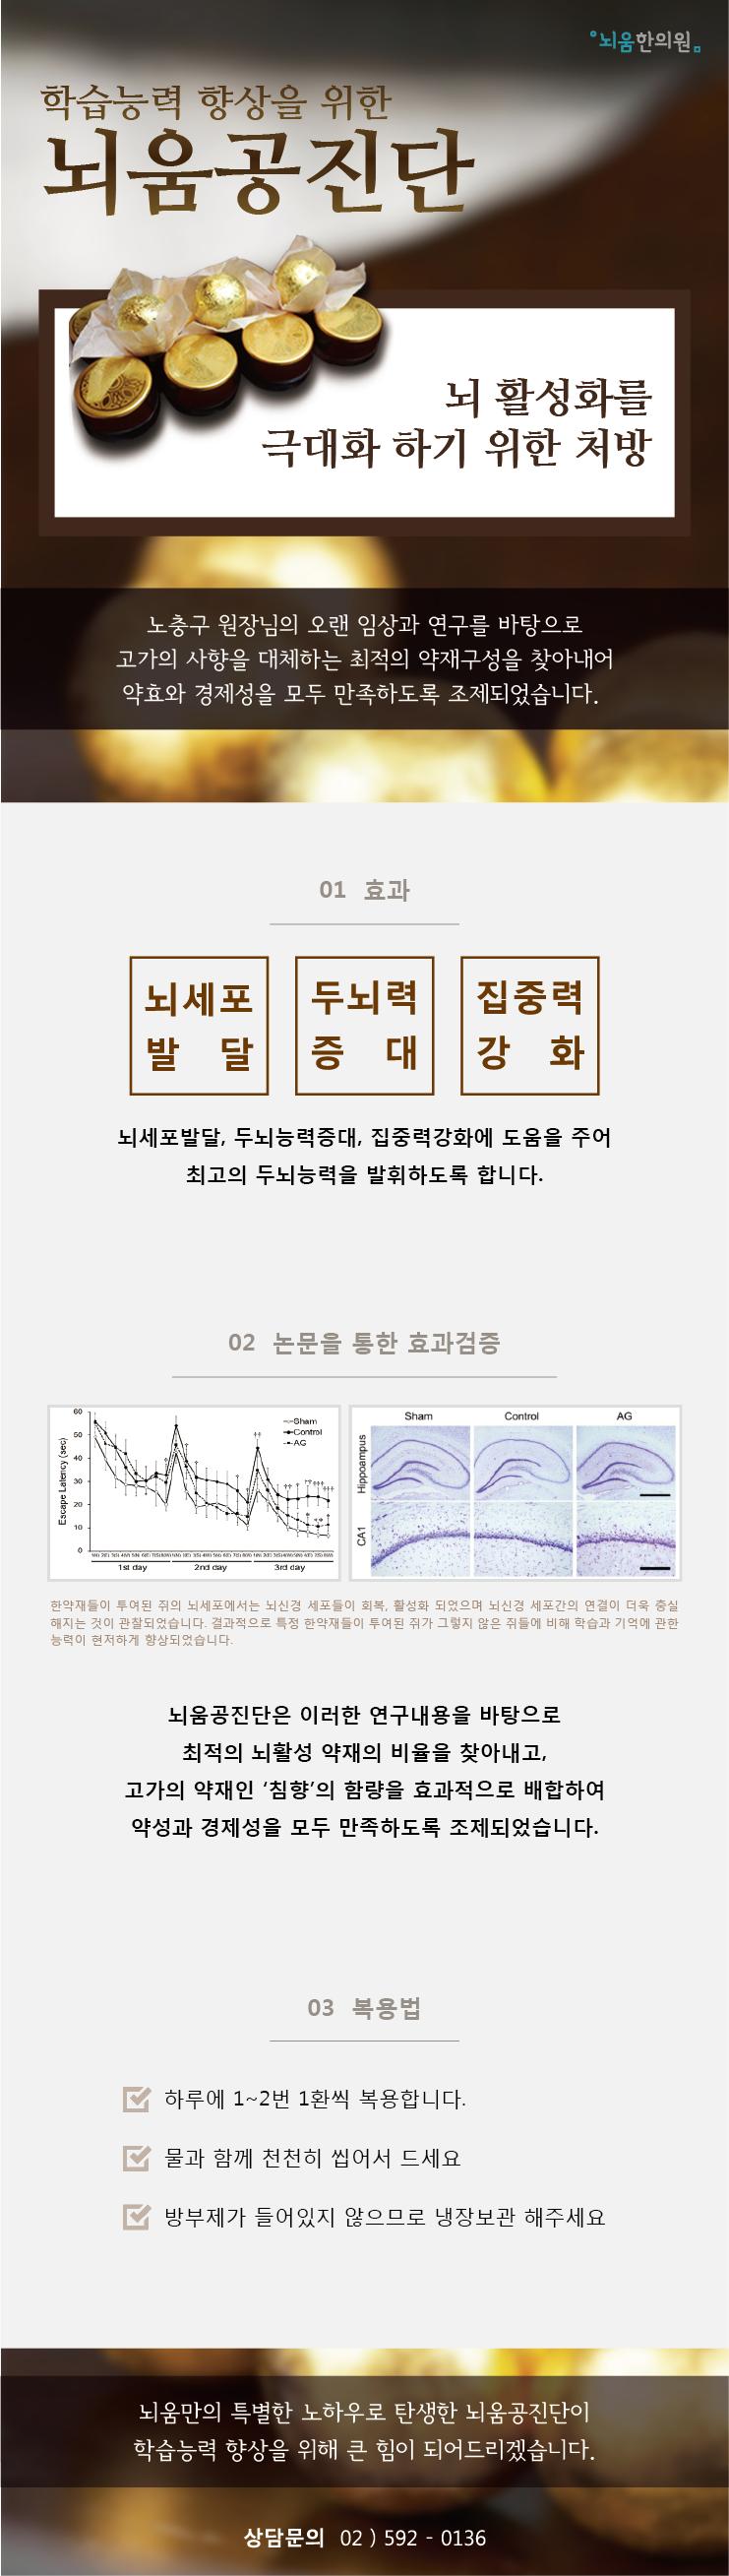 뇌움공진단_내용페이지 수정2_181119-01.png